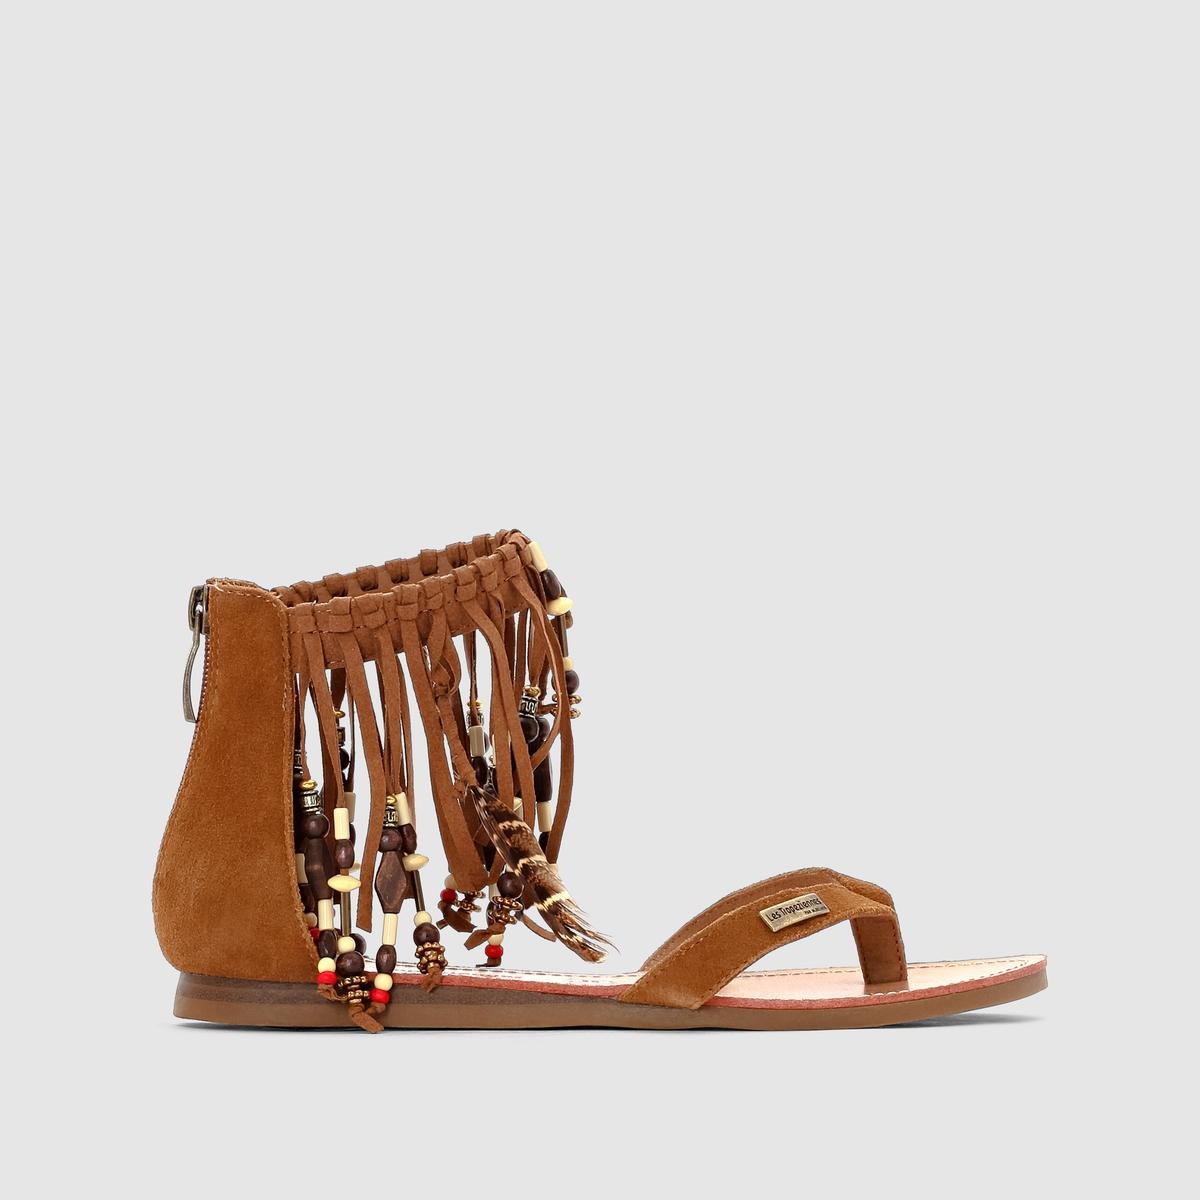 Сандалии плоские из кожи Gopak, с бахромой и бисеромСтильные плоские сандалии в спартанском стиле с отделкой бахромой, бисером и перьями вокруг щиколотки... Этим летом индейский дух в моде  !<br><br>Цвет: темно-бежевый,черный<br>Размер: 39.37